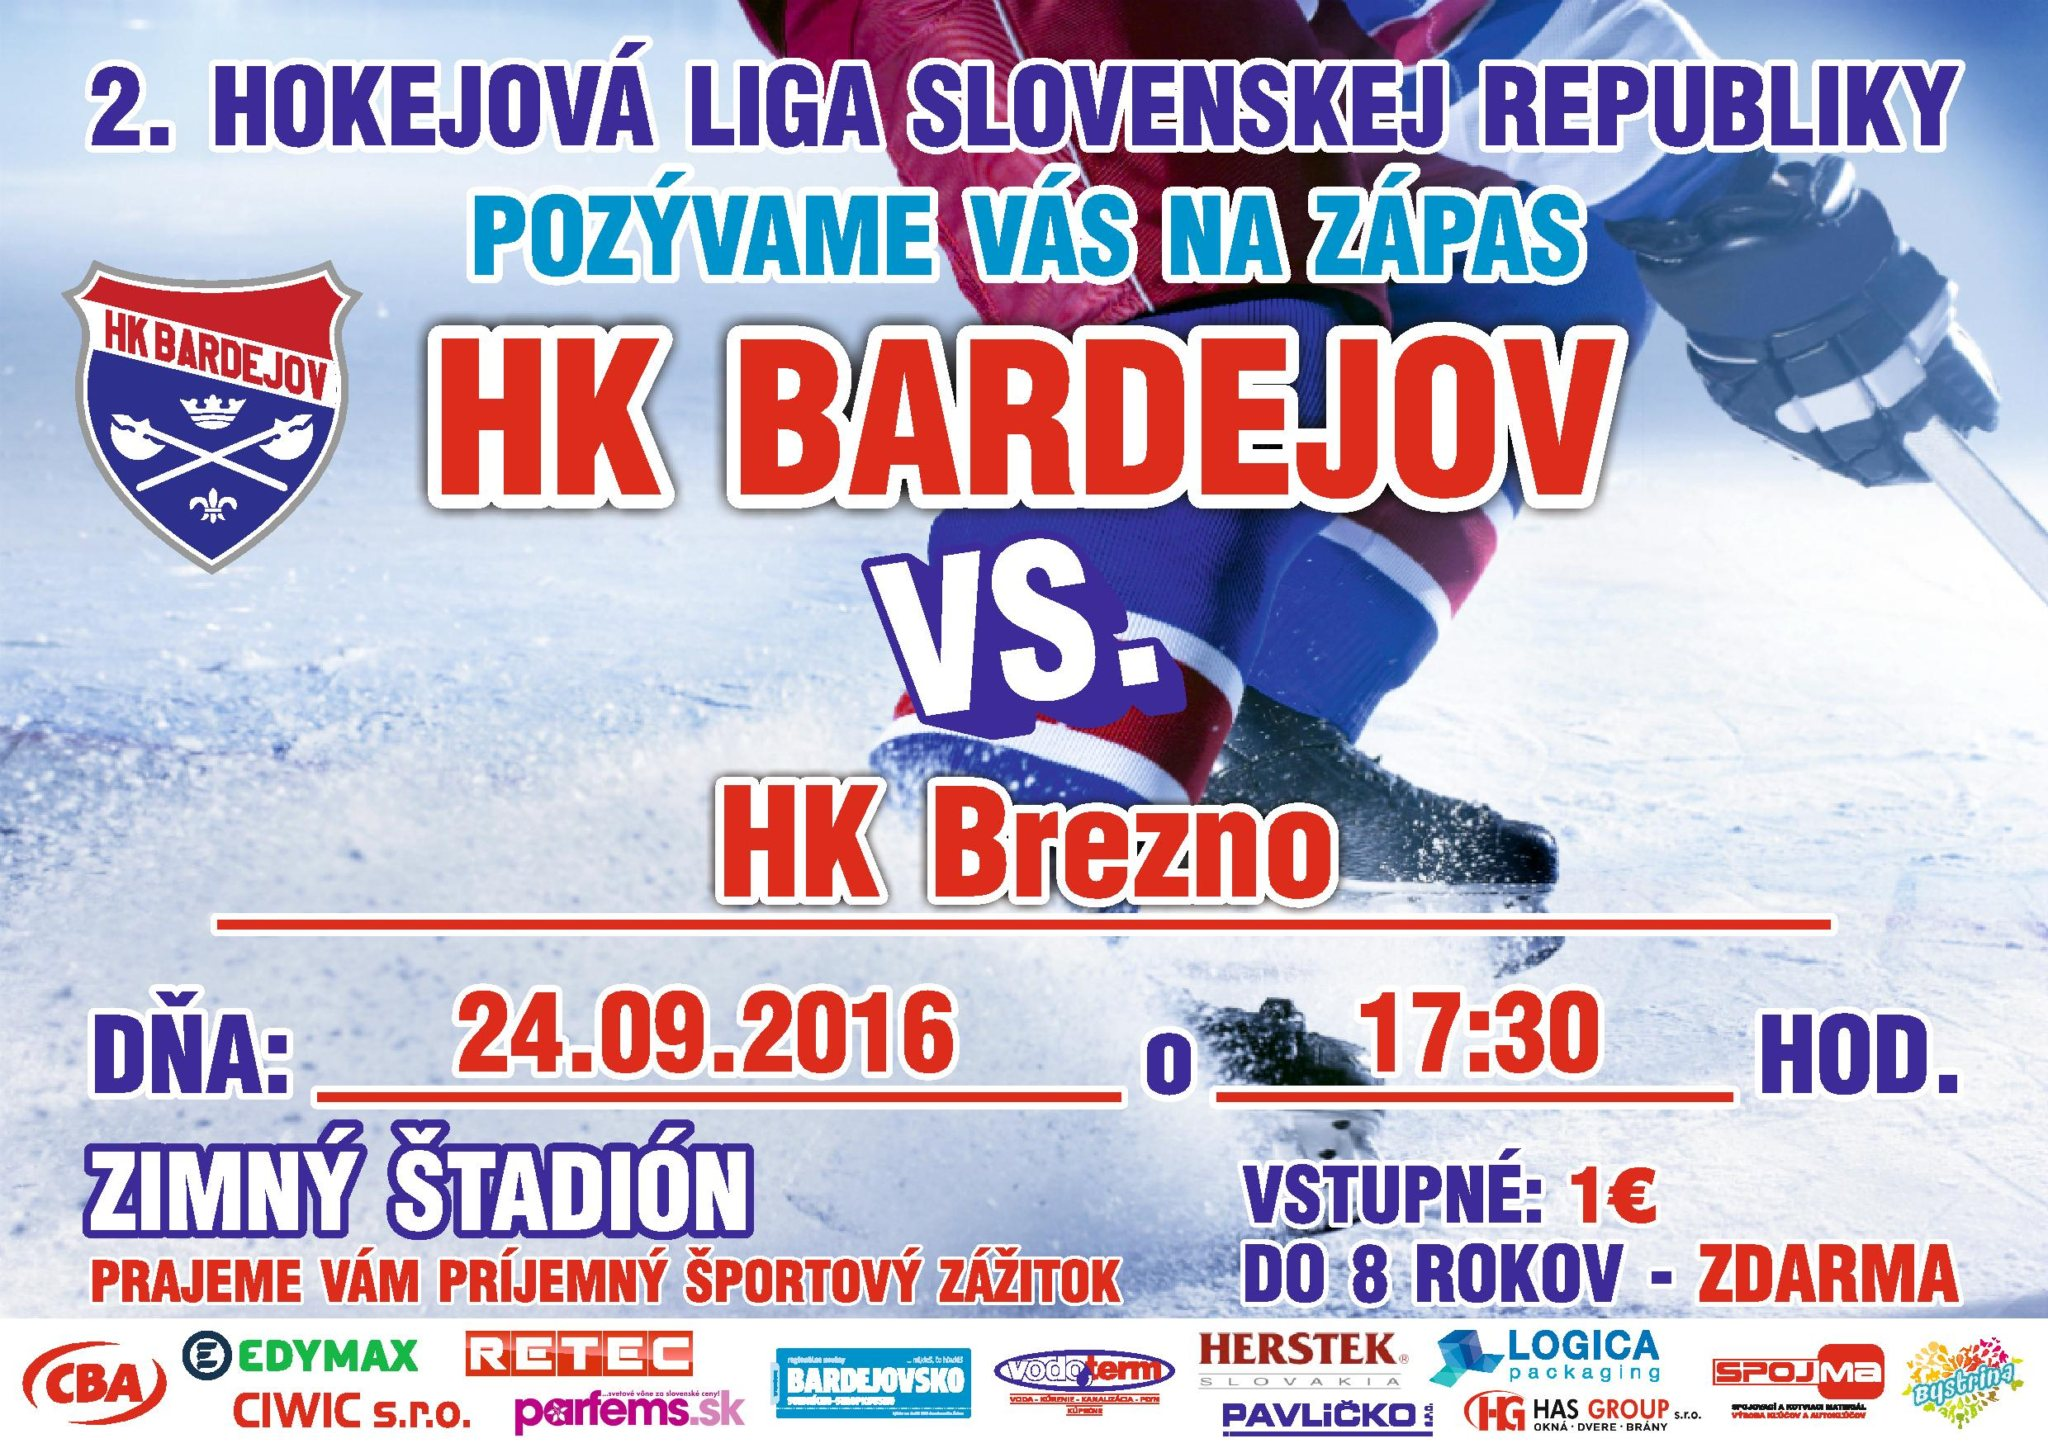 2. kolo Bardejov - Brezno, II. liga